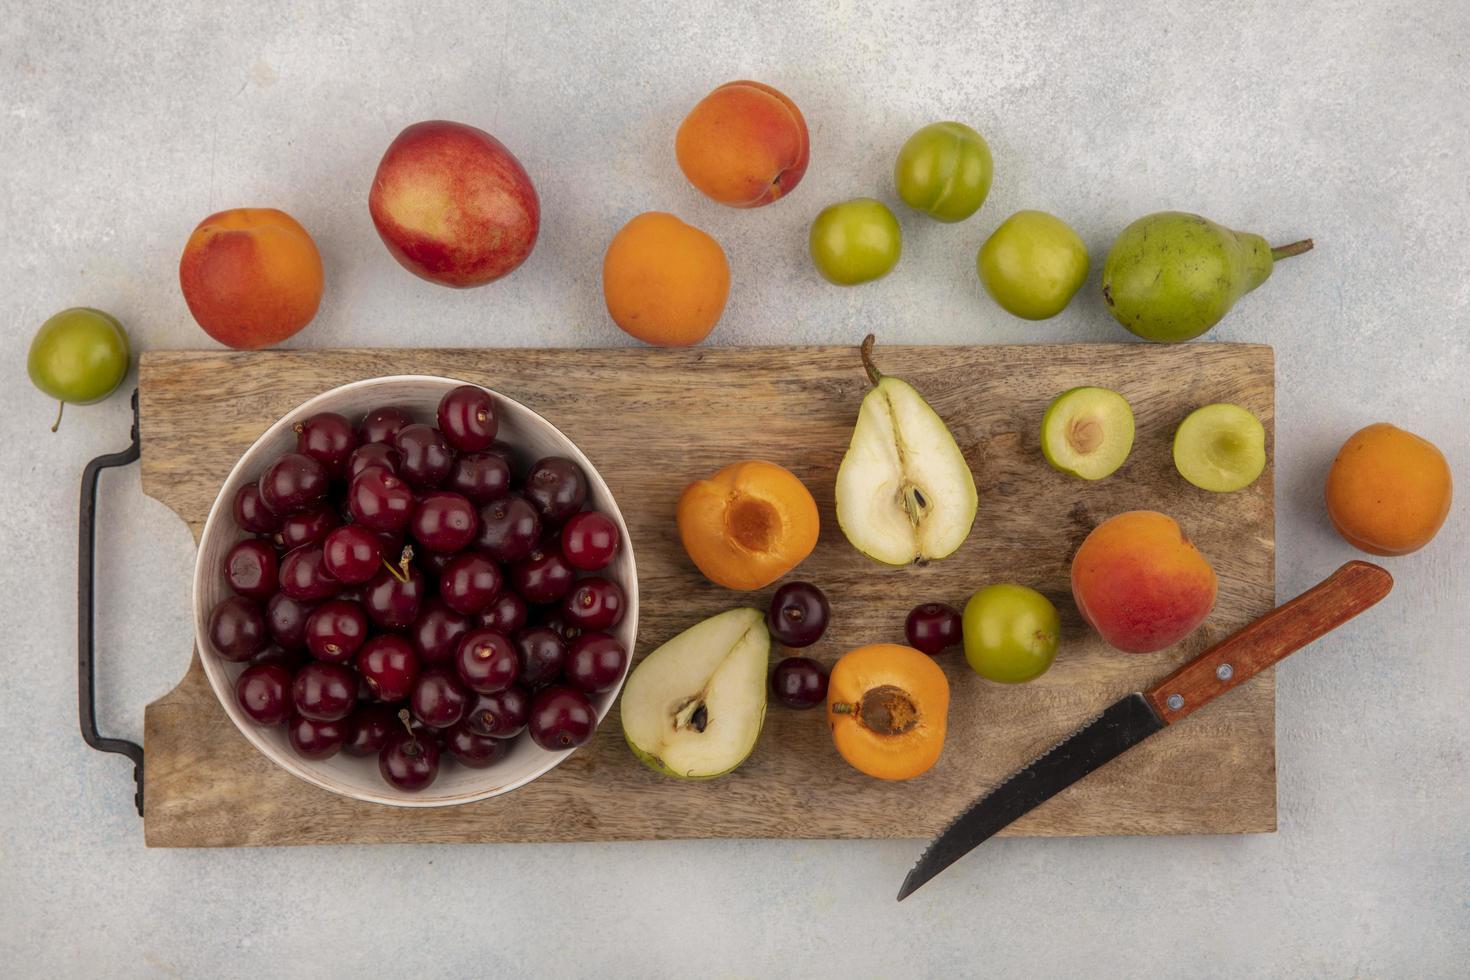 verschiedene Früchte auf Holzschneidebrett foto